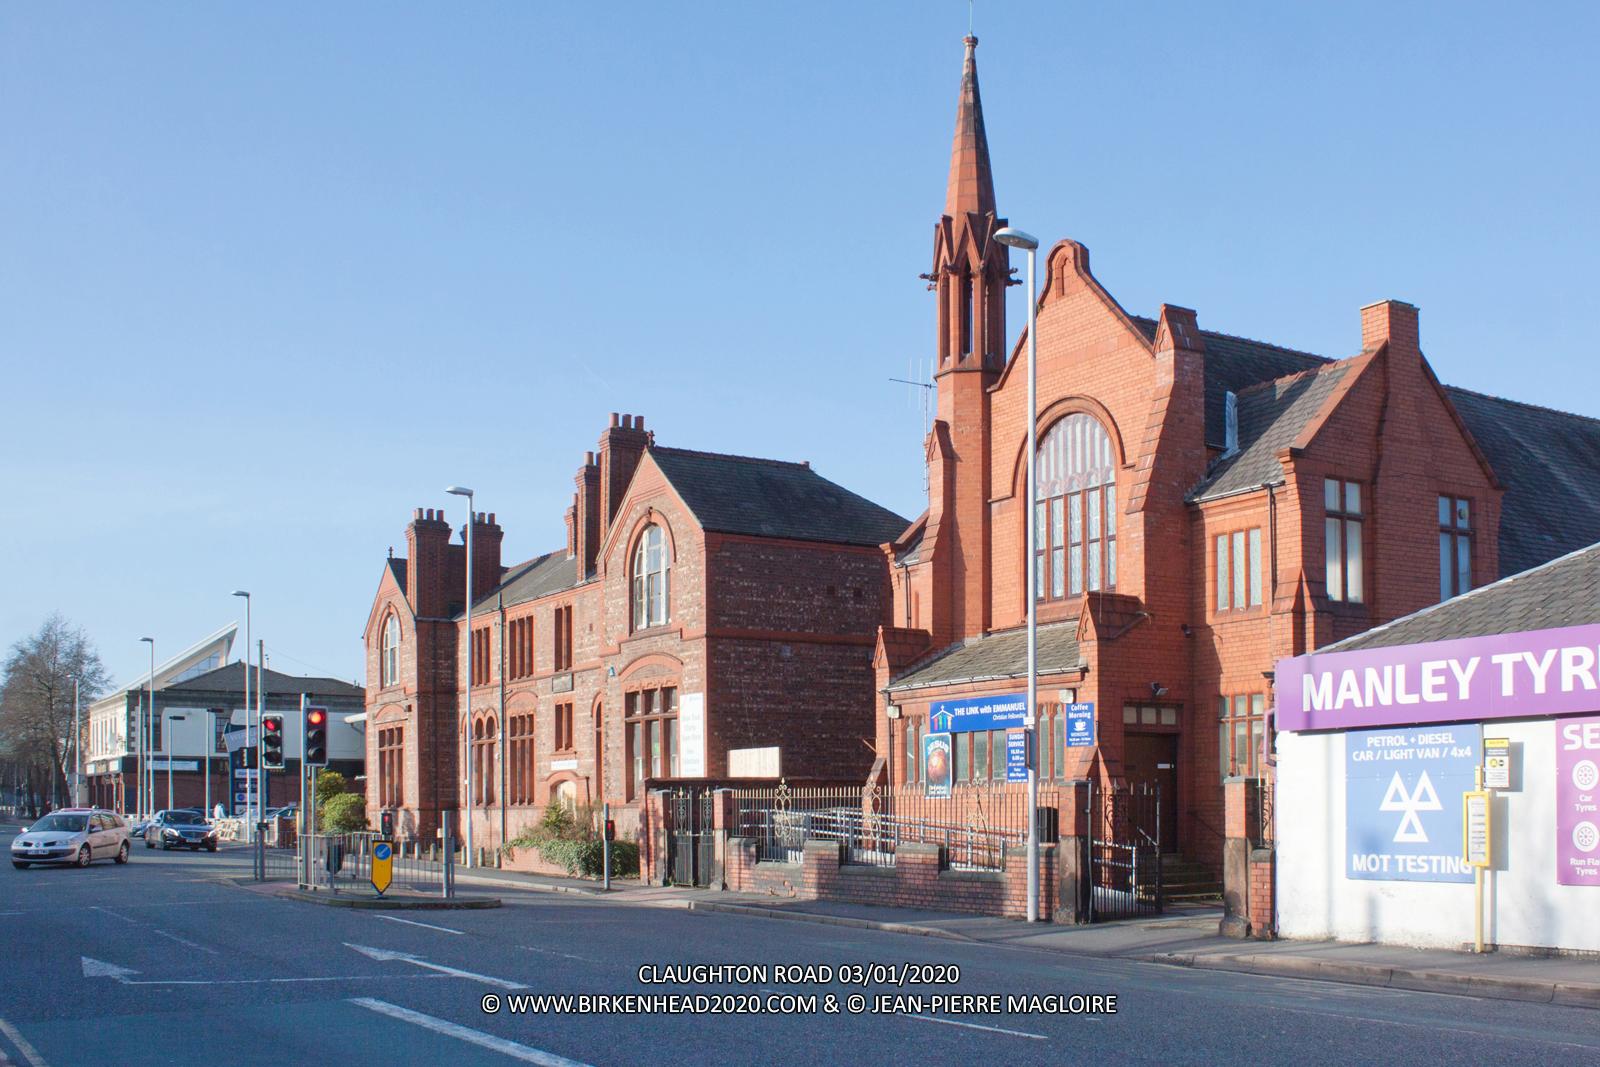 Claughton Road